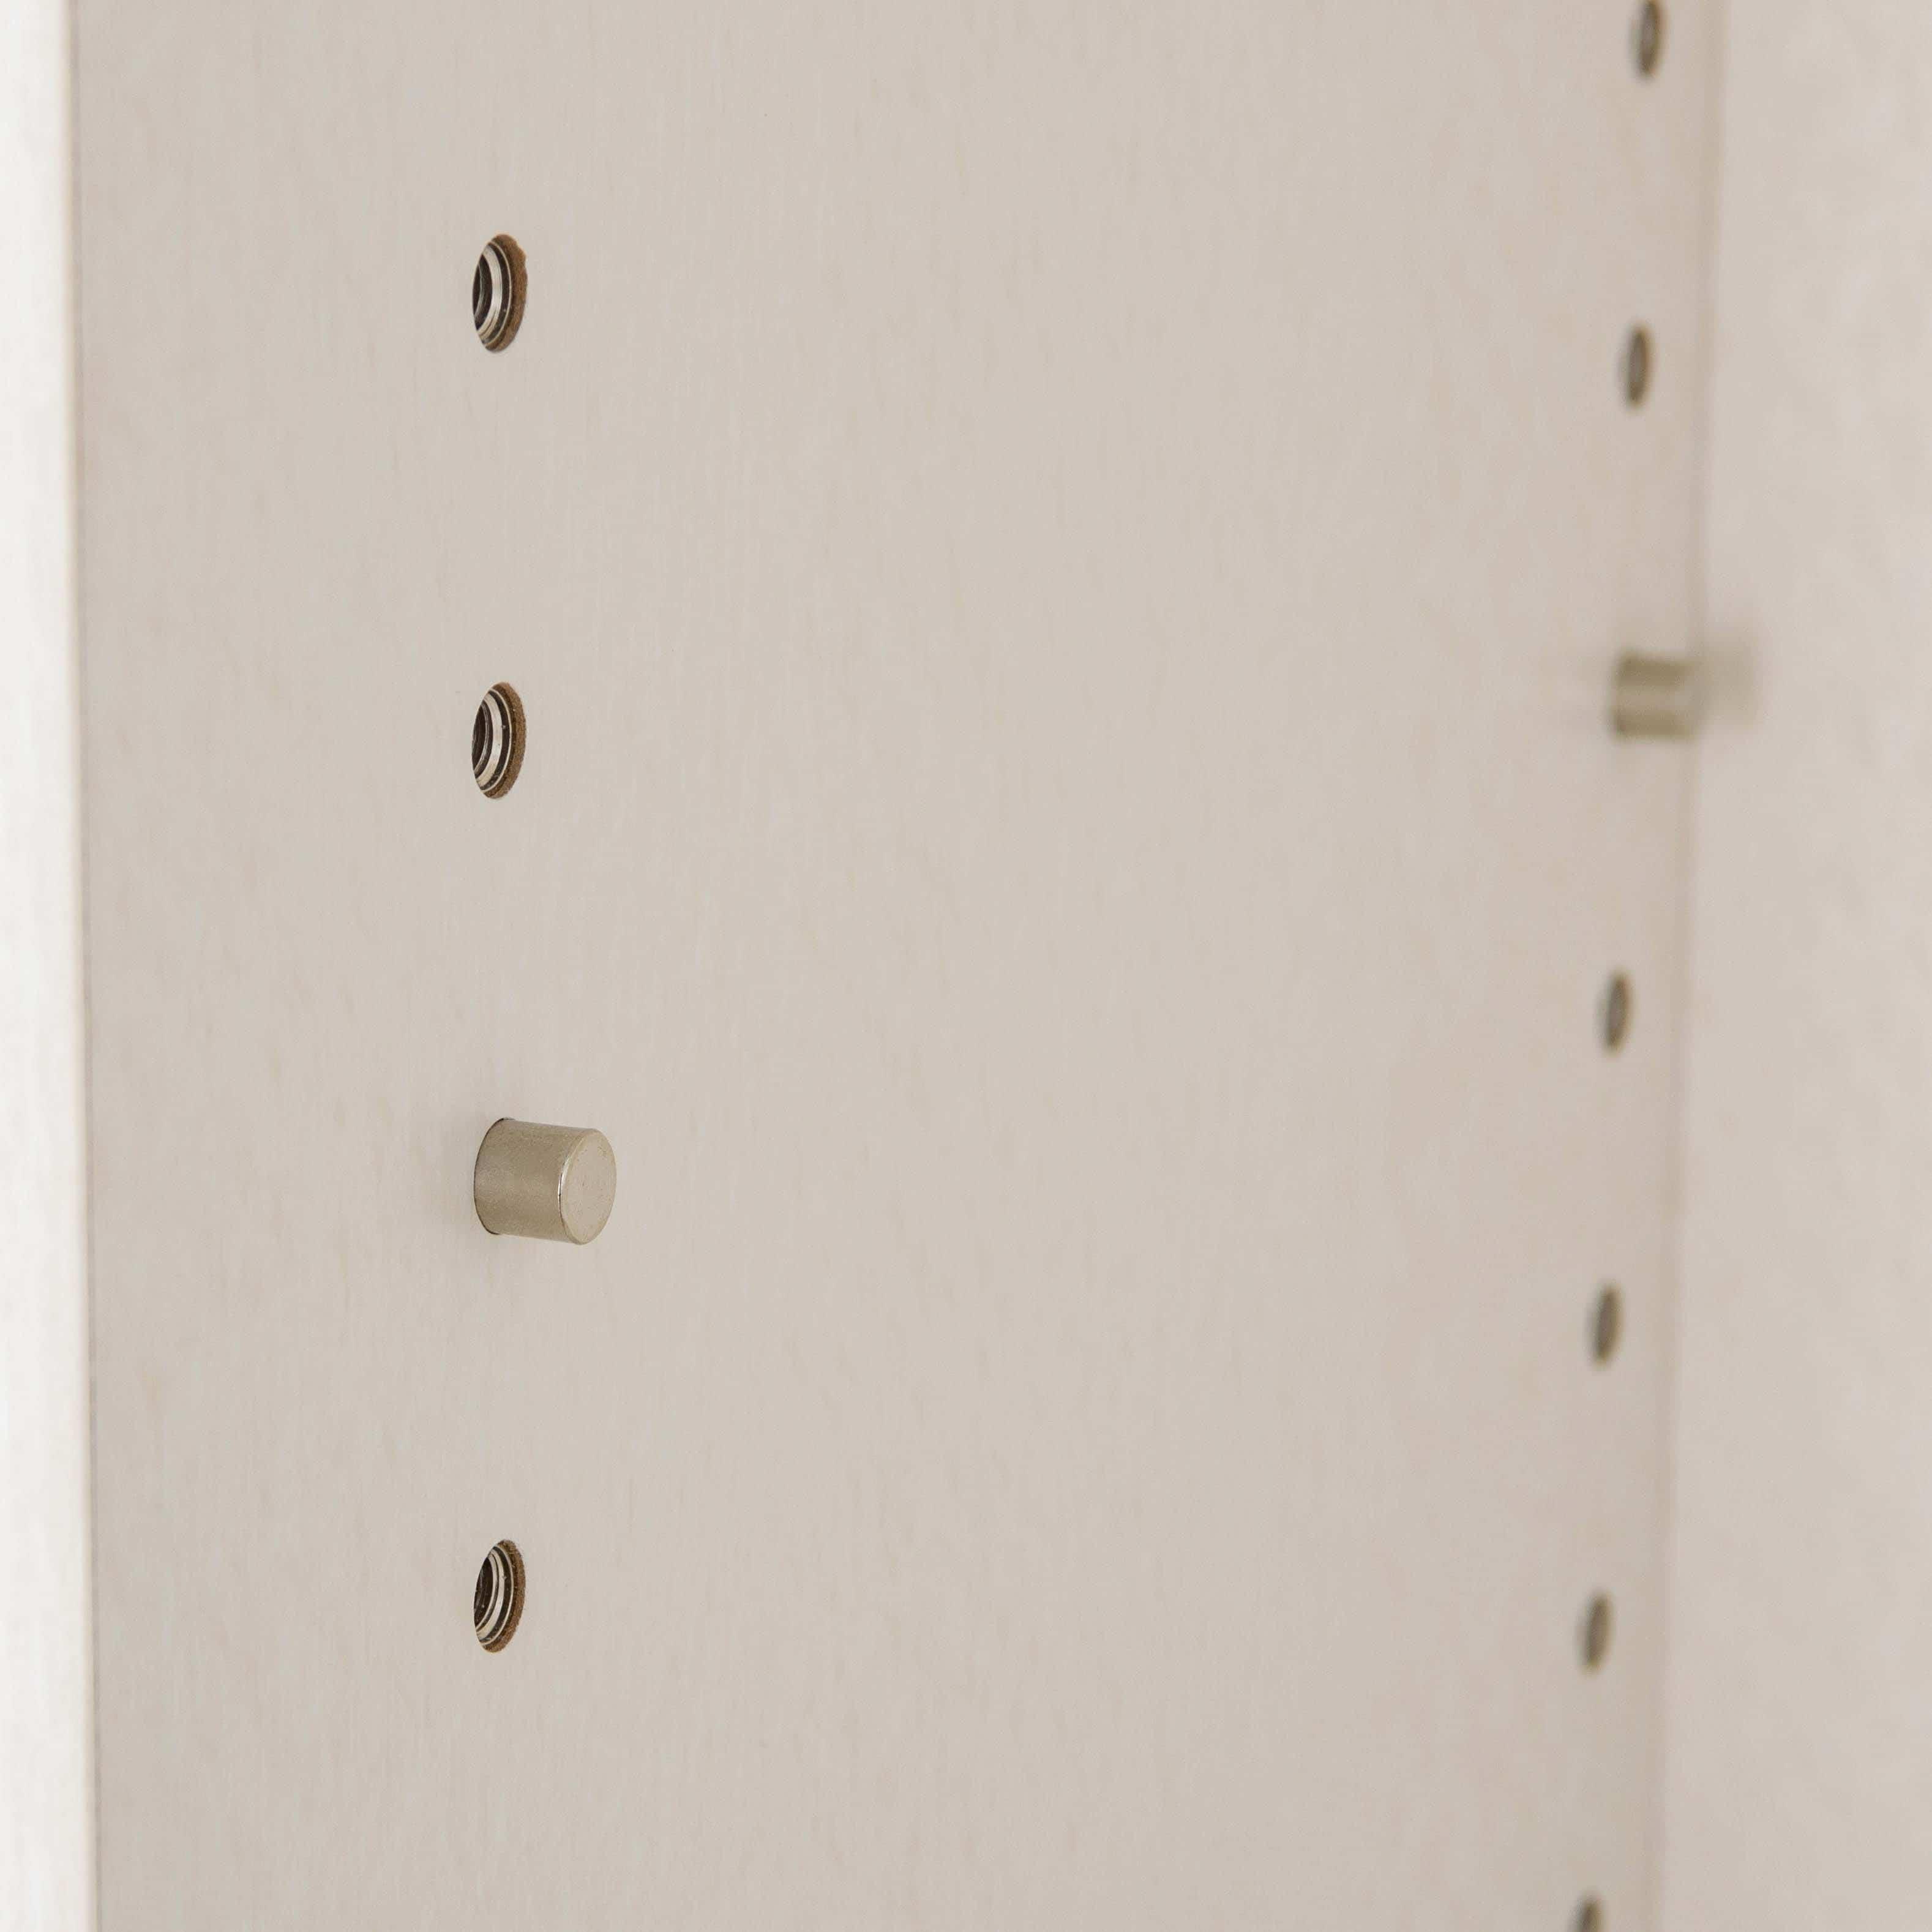 小島工芸 引出 アコード120用(ウォールモカ):キレイに収まる魅せる収納